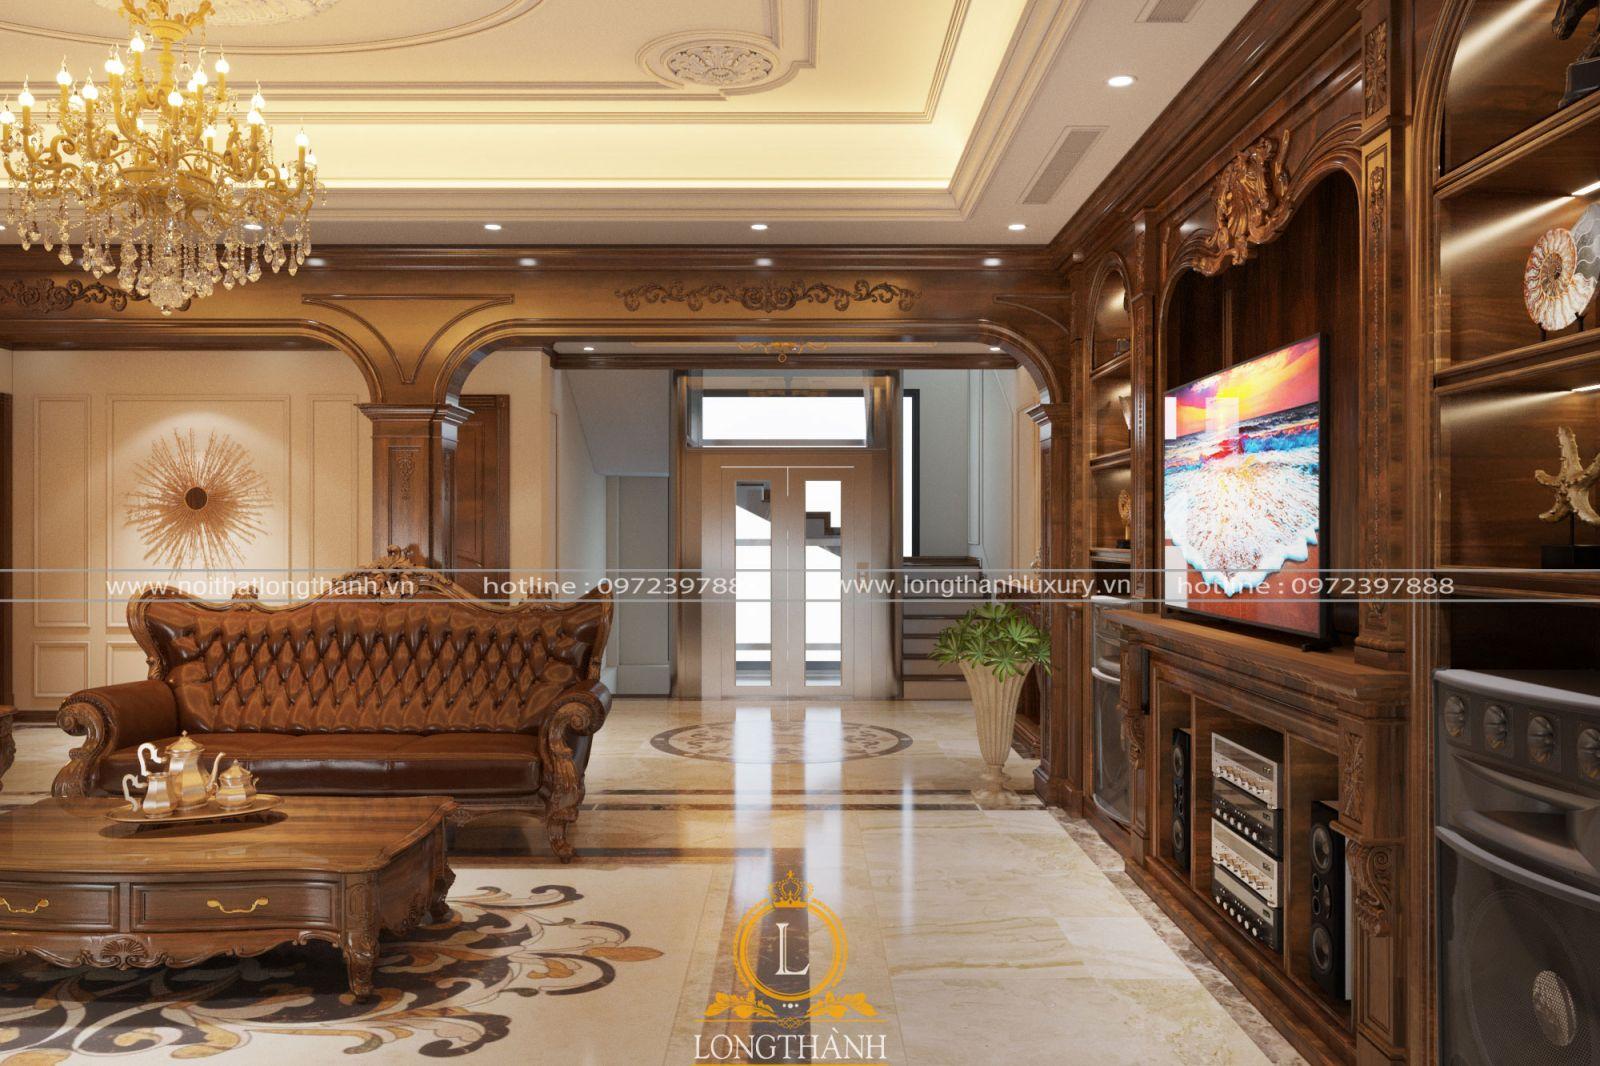 Phòng khách tân cổ điển gam màu nâu